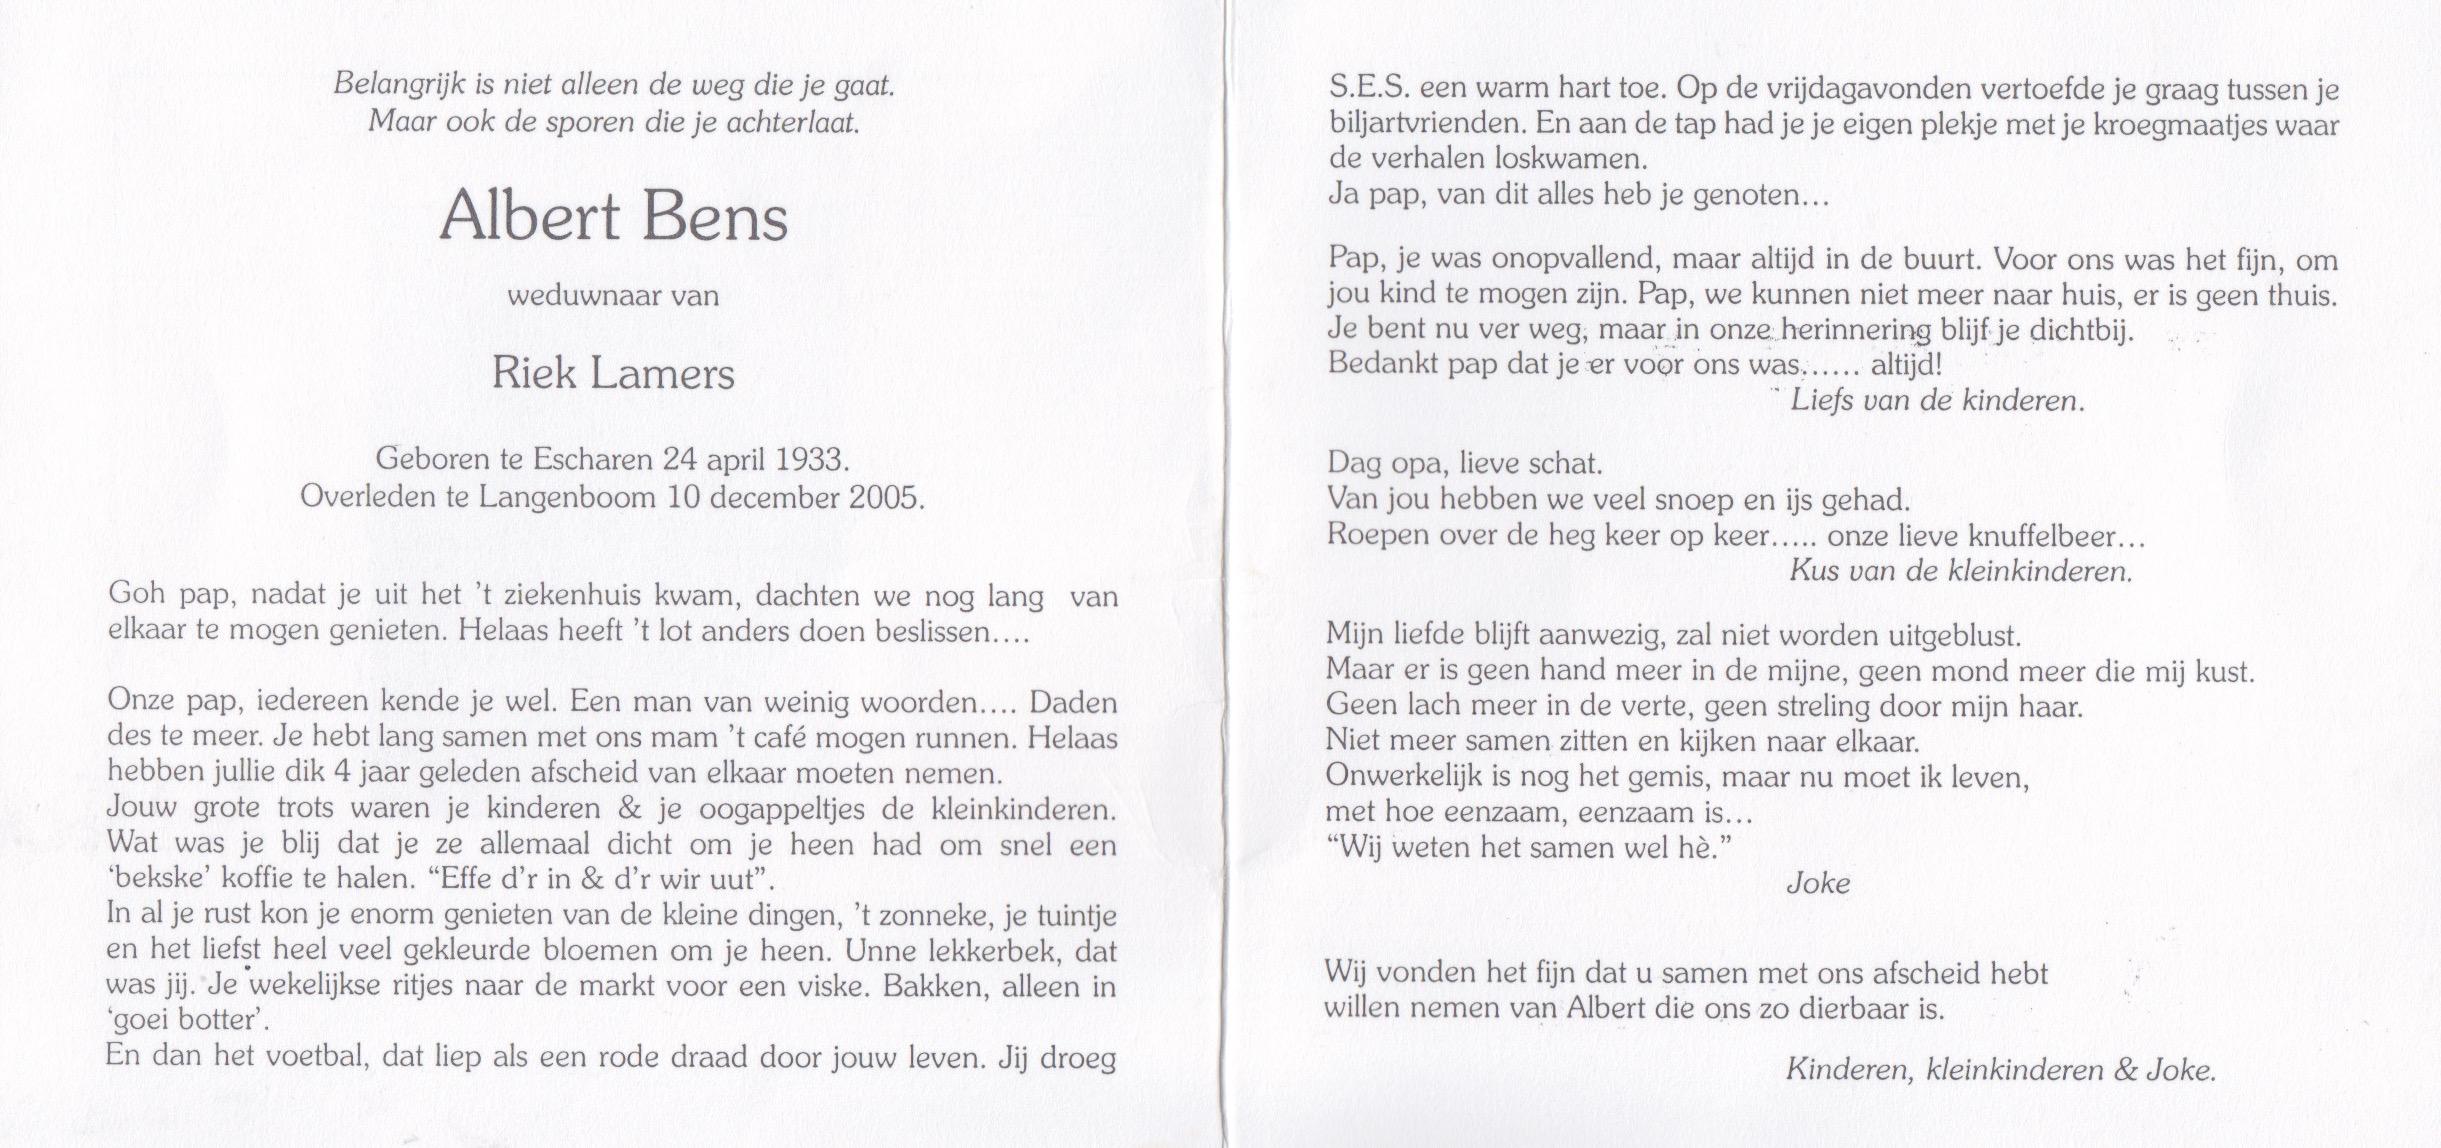 Bidprentje Albert Bens